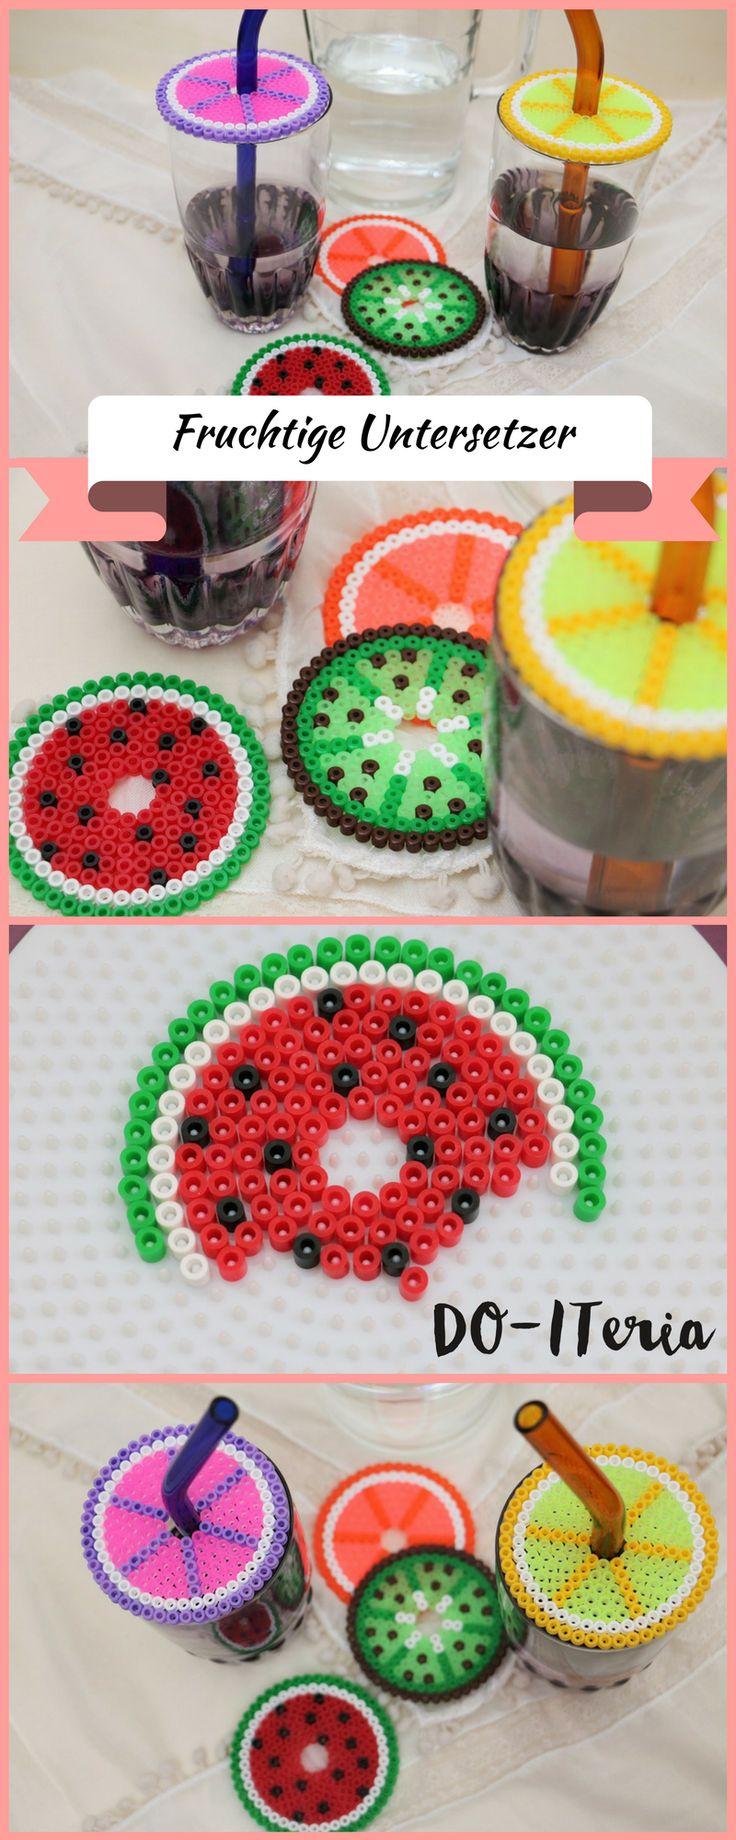 sommerliche Untersetzer mit Fruchtmotiven aus Perlen, die auch als …   – DO-ITeria DIY Projekte